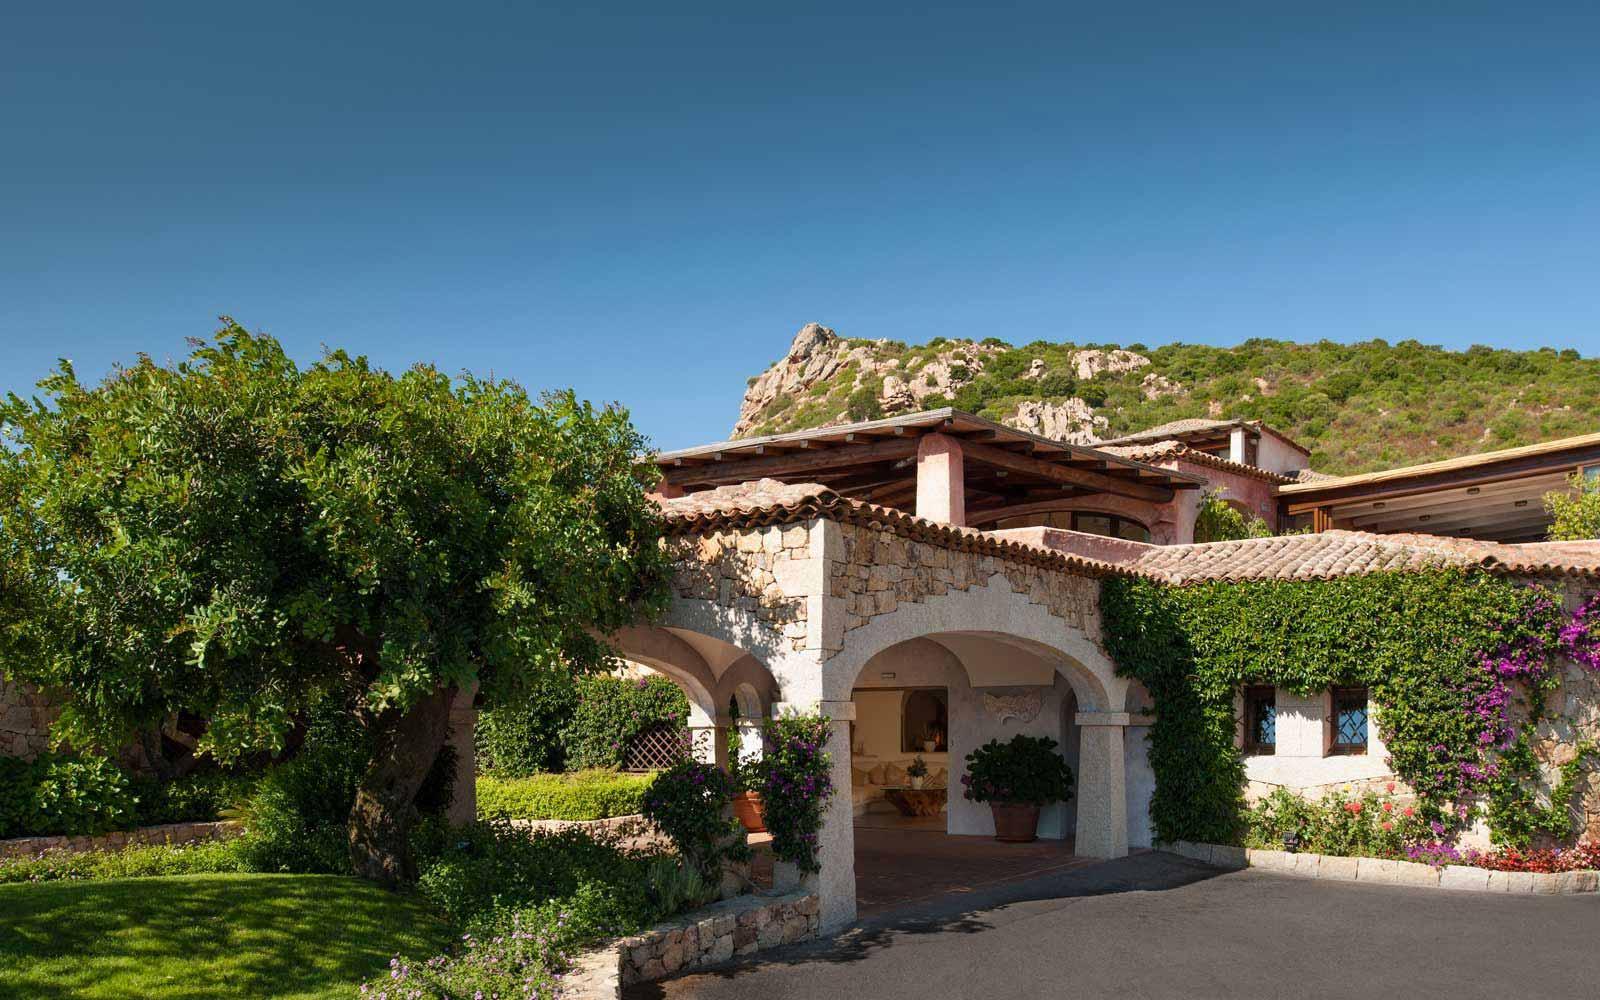 Entrance to the Hotel Relais Villa Del Golfo & Spa